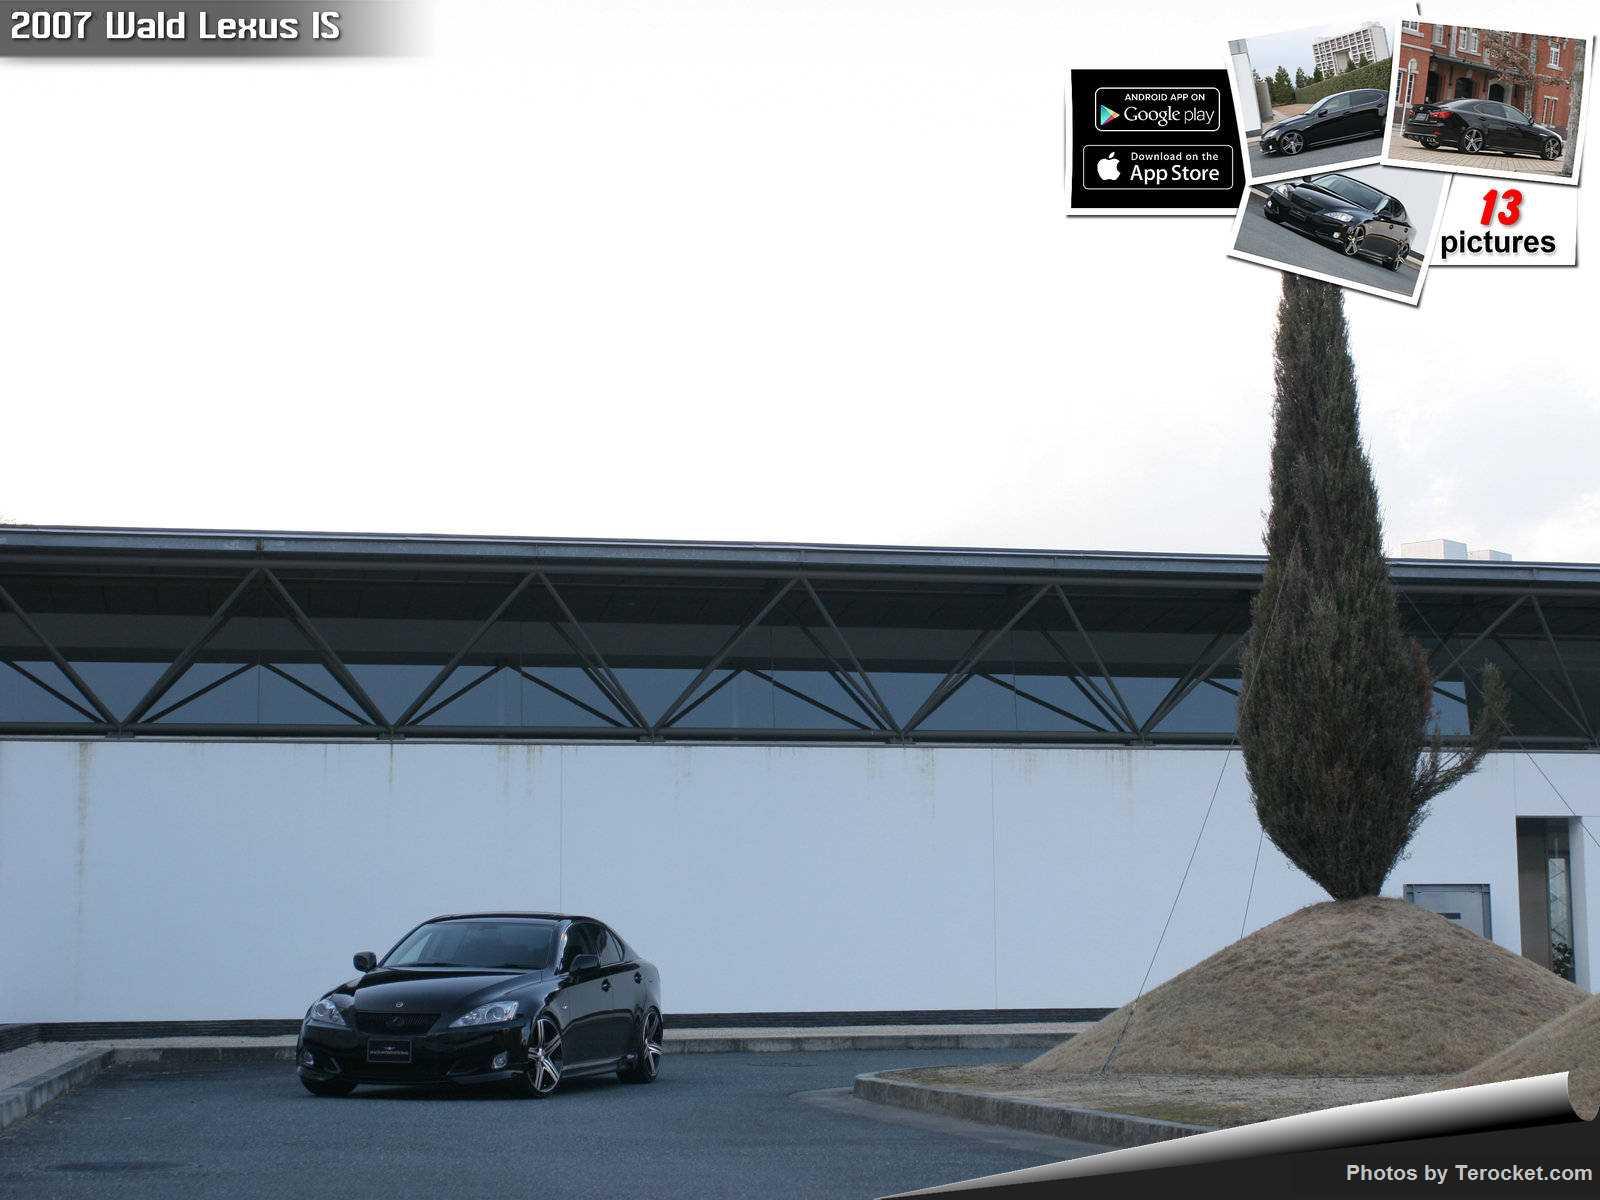 Hình ảnh xe độ Wald Lexus IS 2007 & nội ngoại thất